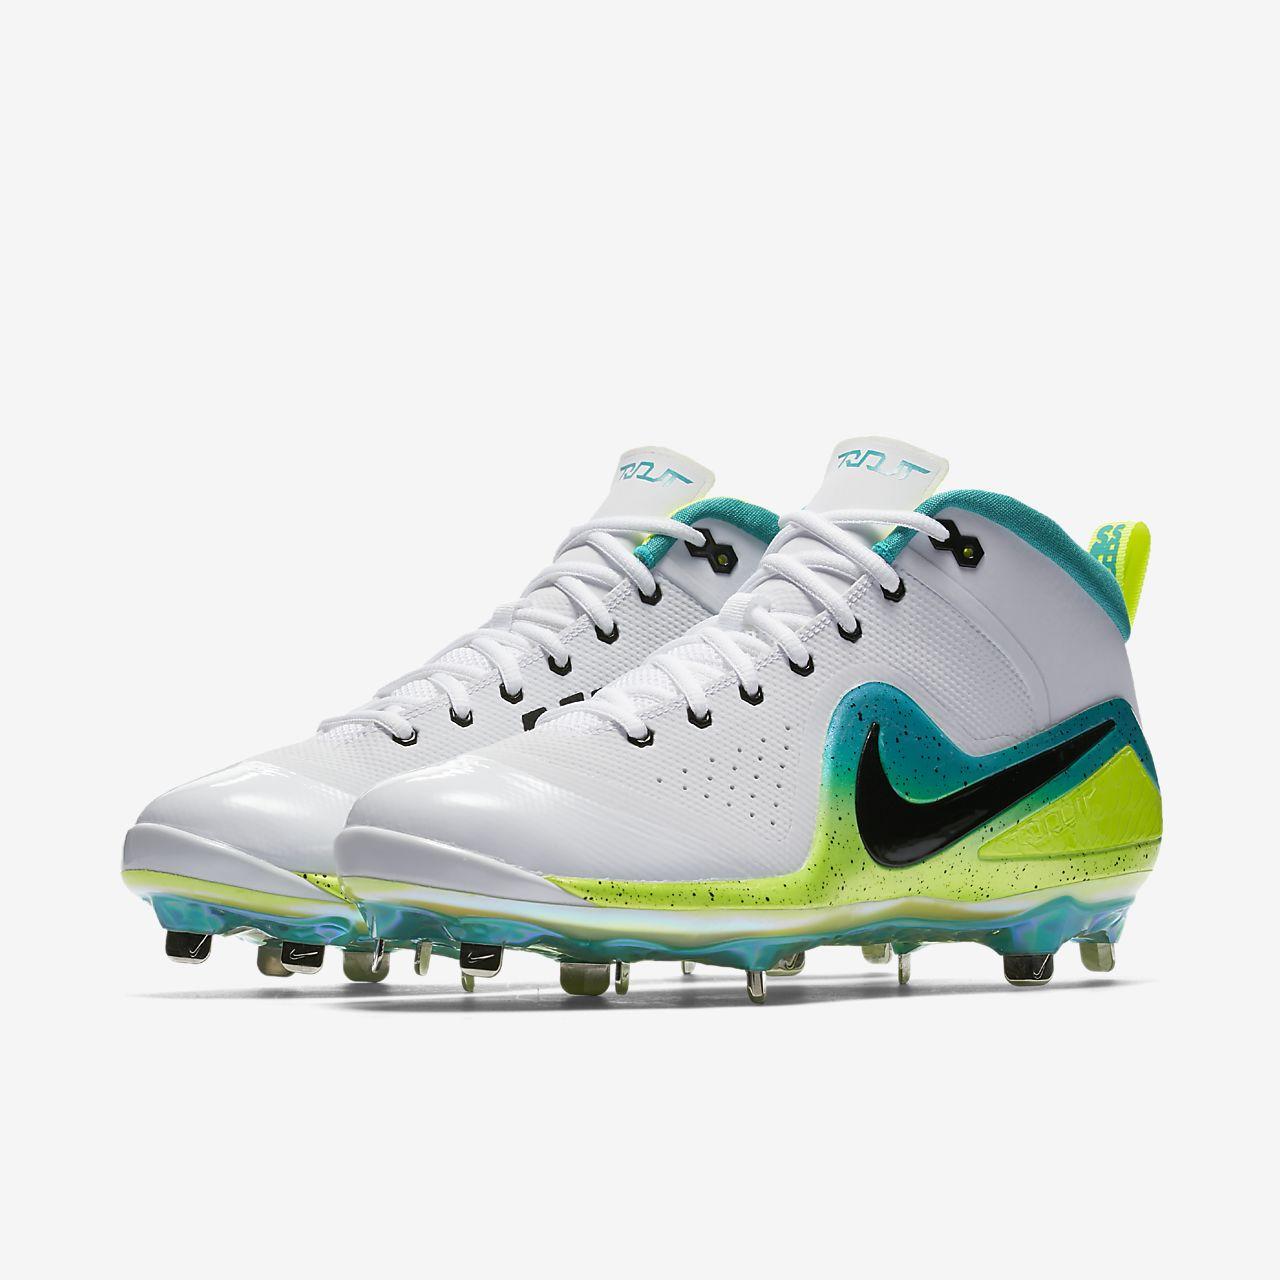 ... Nike Force Zoom Trout 4 Mahi Men\u0027s Baseball Cleat